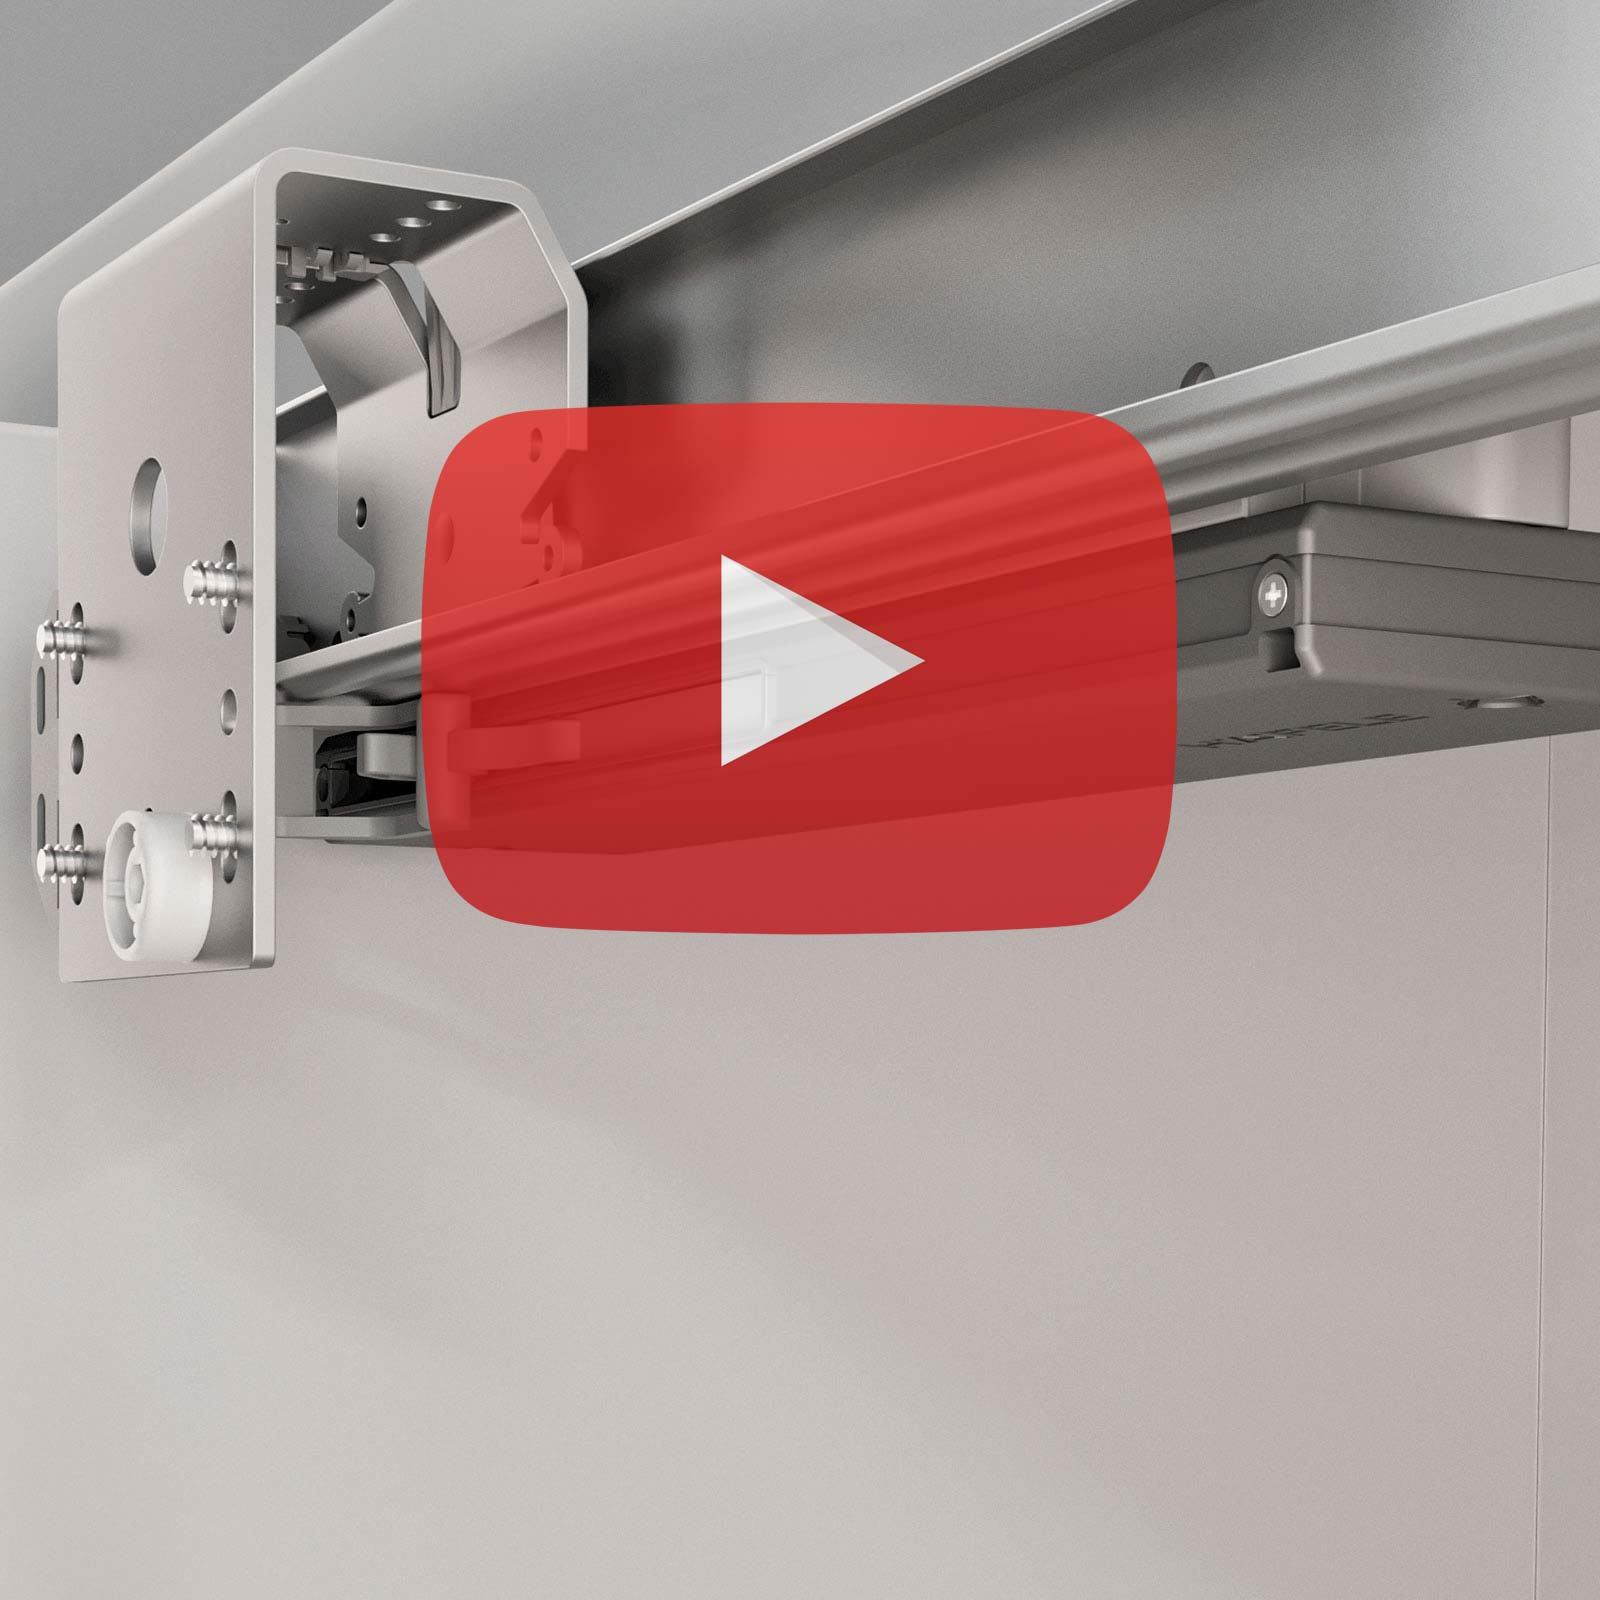 Maniglie X Mobili Da Cucina ferramenta per mobili, ferramenta per edifici, sistemi di